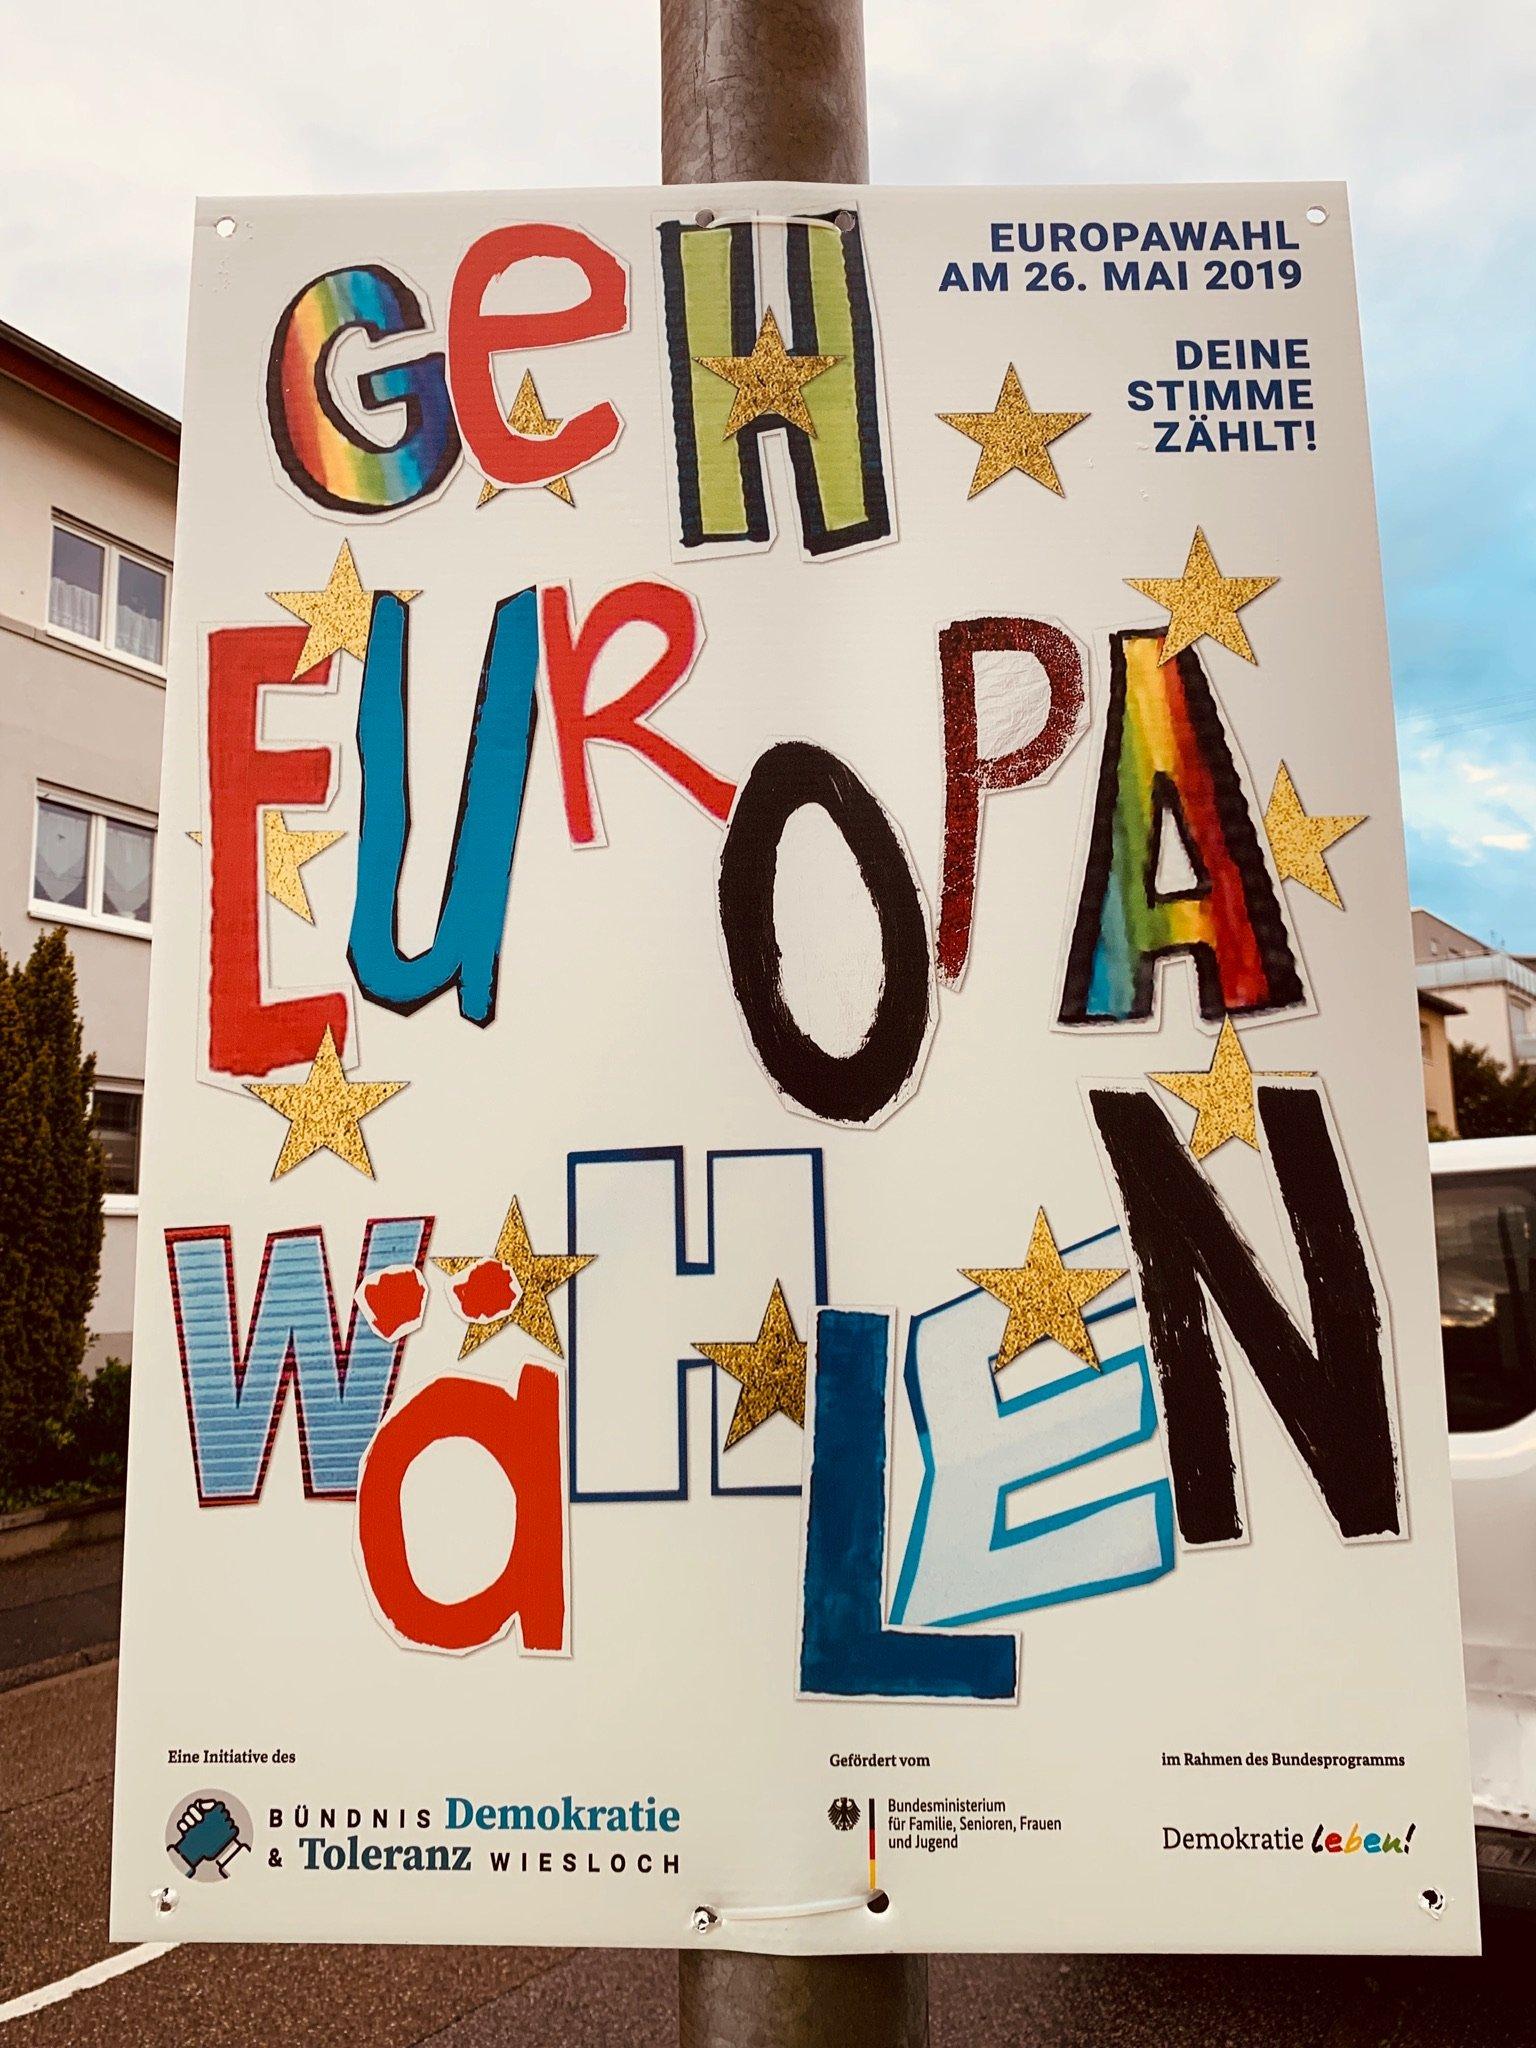 Geh Europa wählen